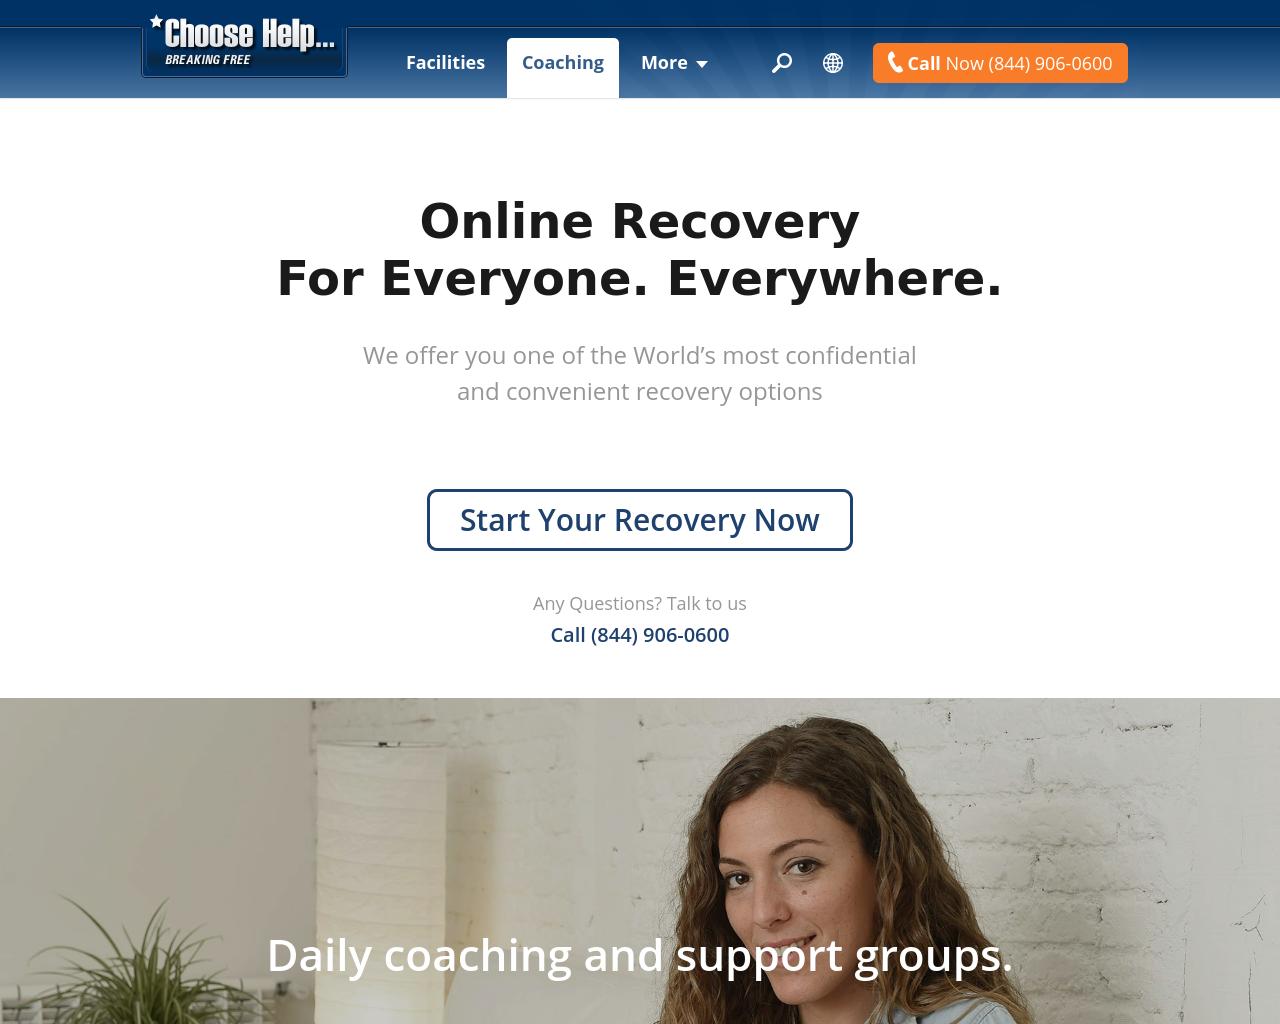 Choose-Help-Advertising-Reviews-Pricing